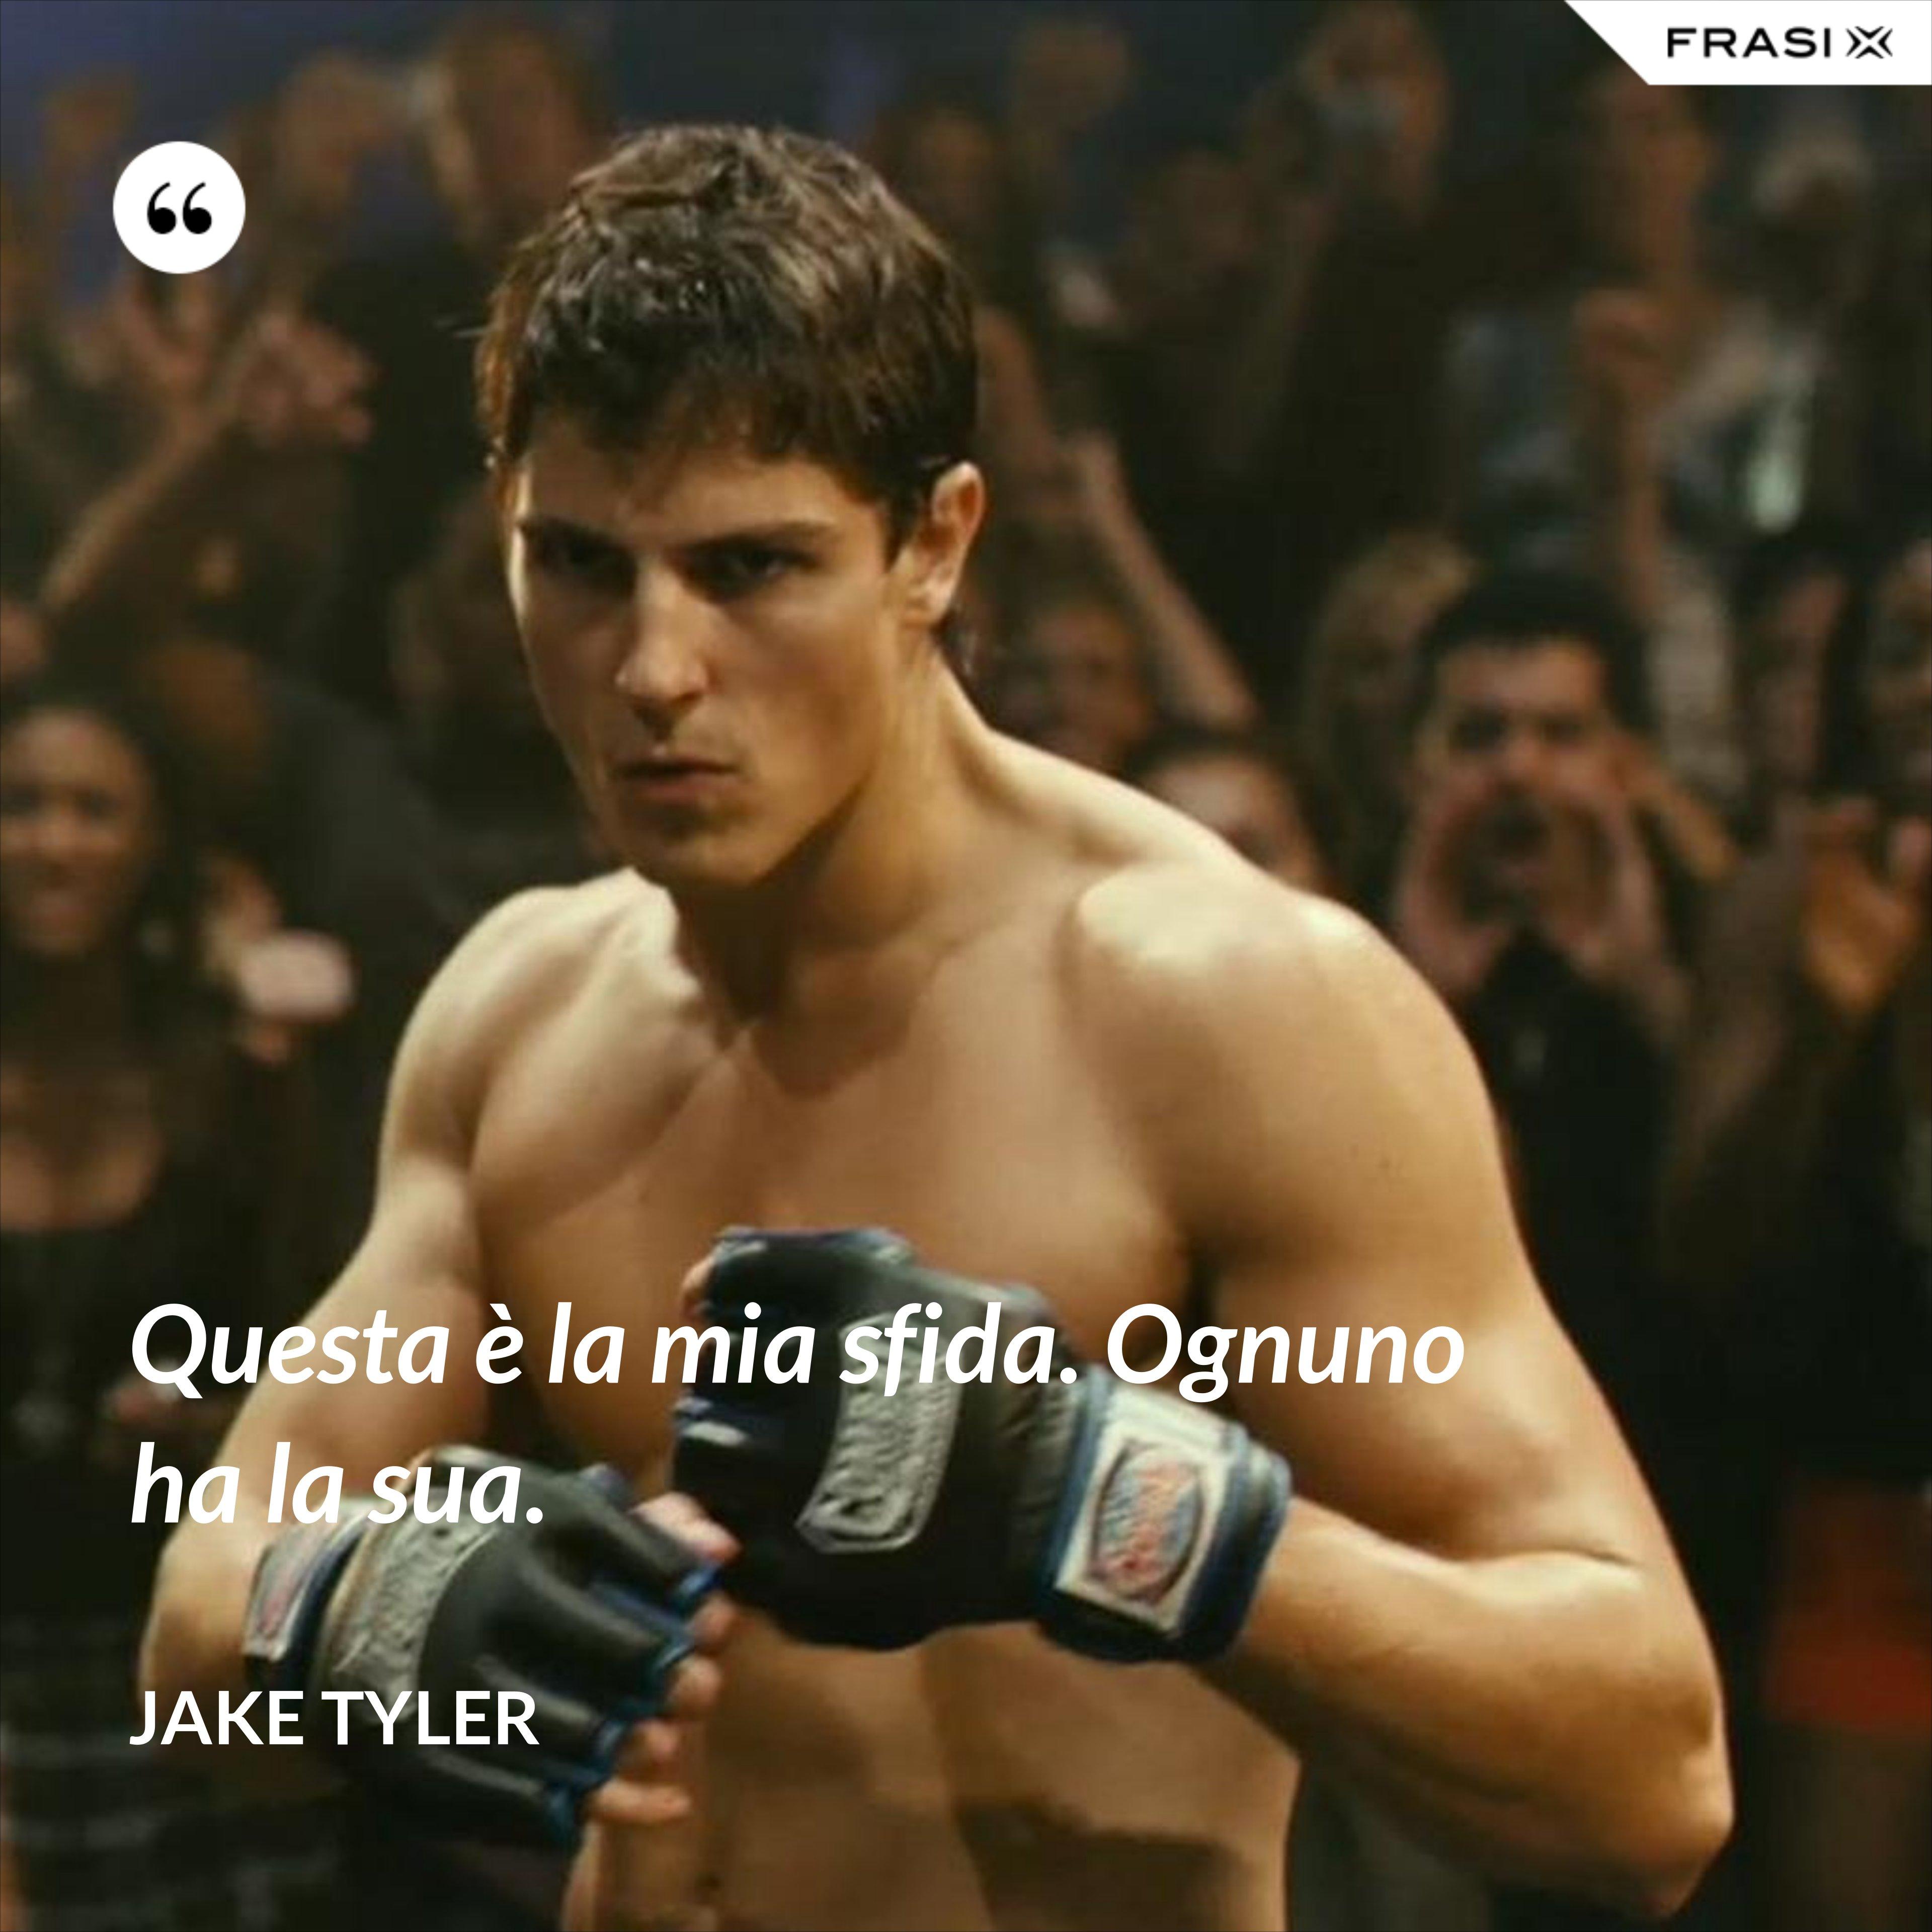 Questa è la mia sfida. Ognuno ha la sua. - Jake Tyler